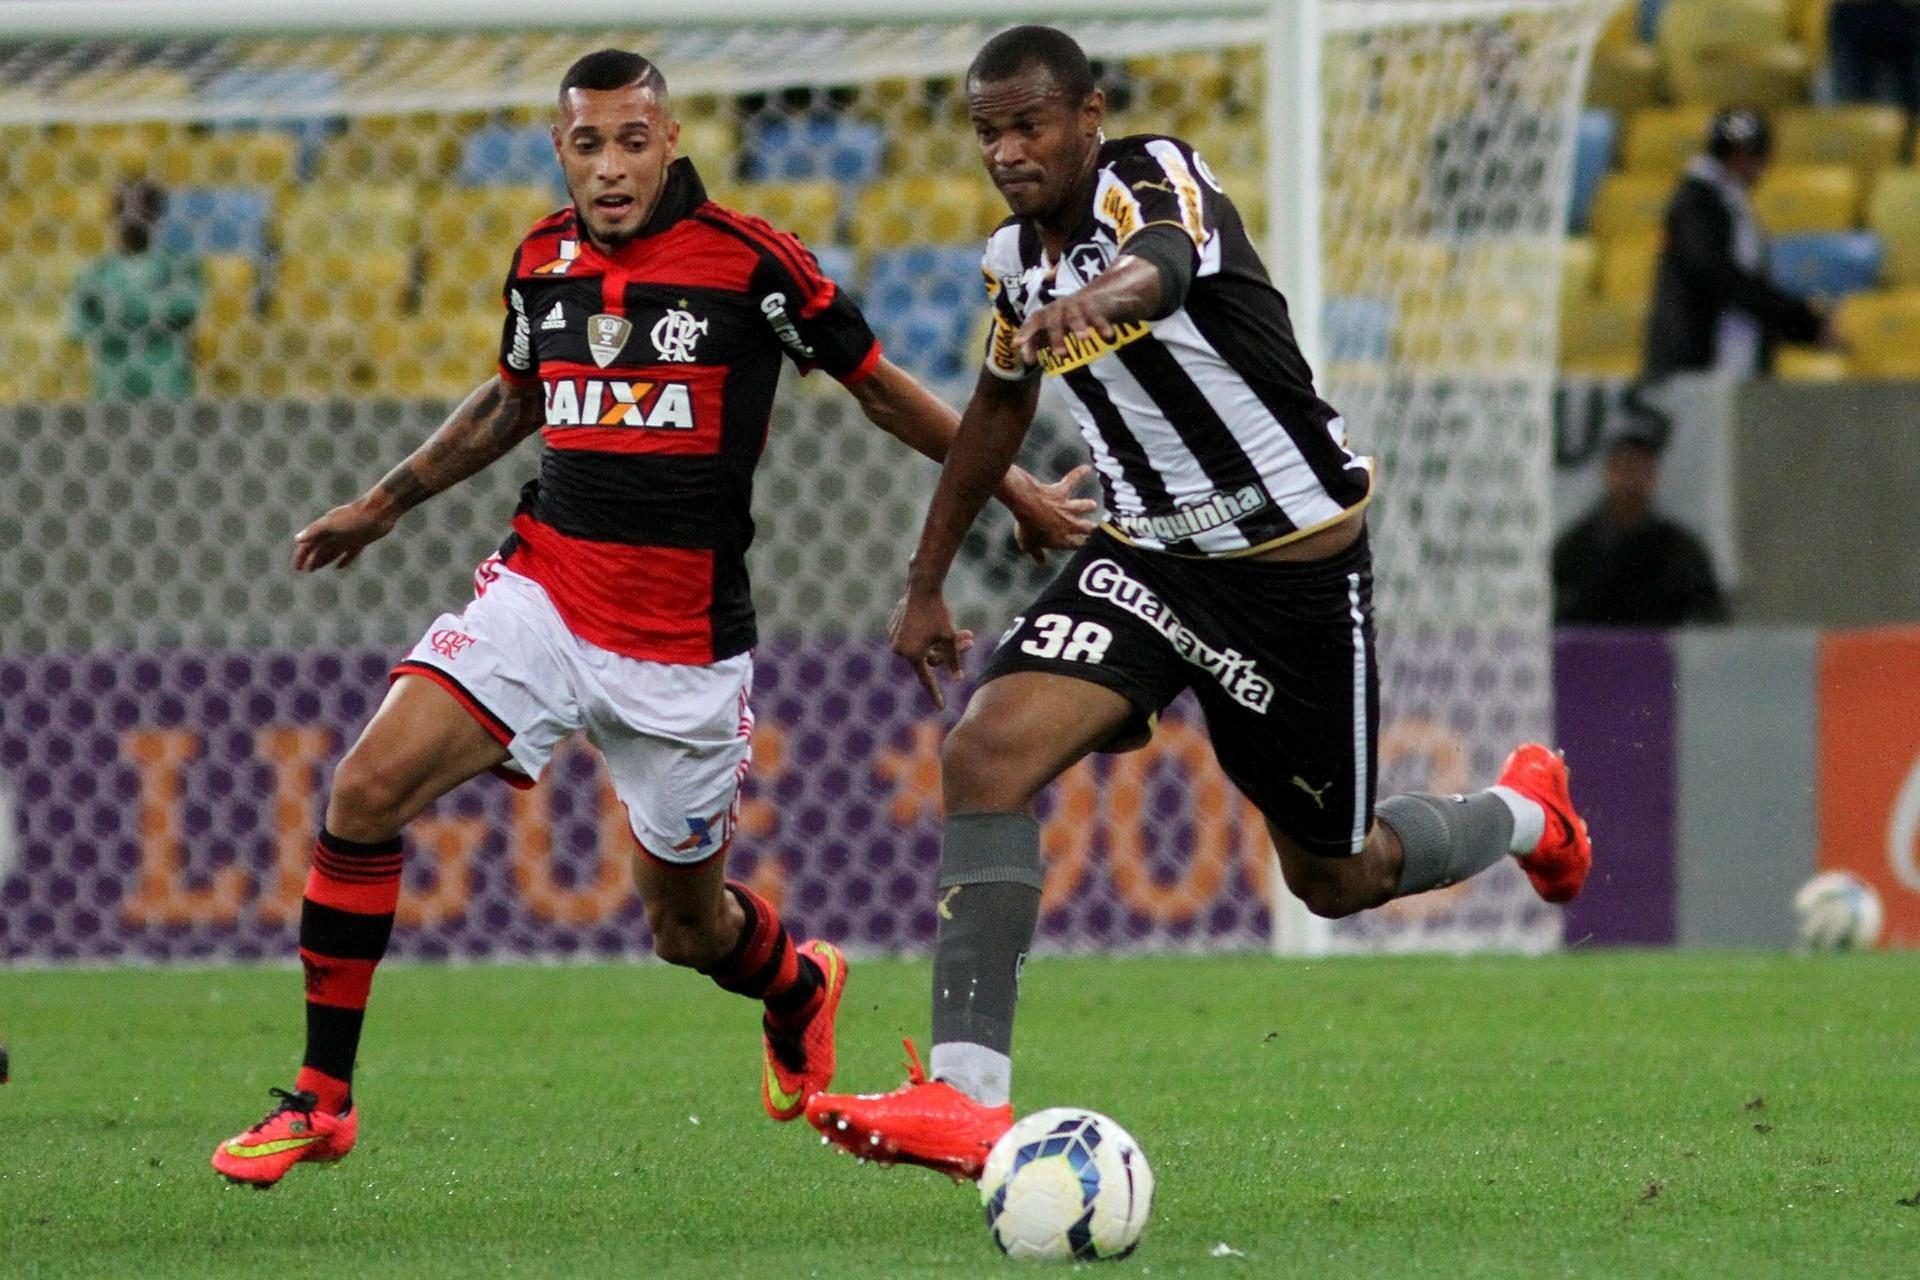 Jogadores de Flamengo e Botafogo disputam lance no clássico carioca - 27 julho 2014